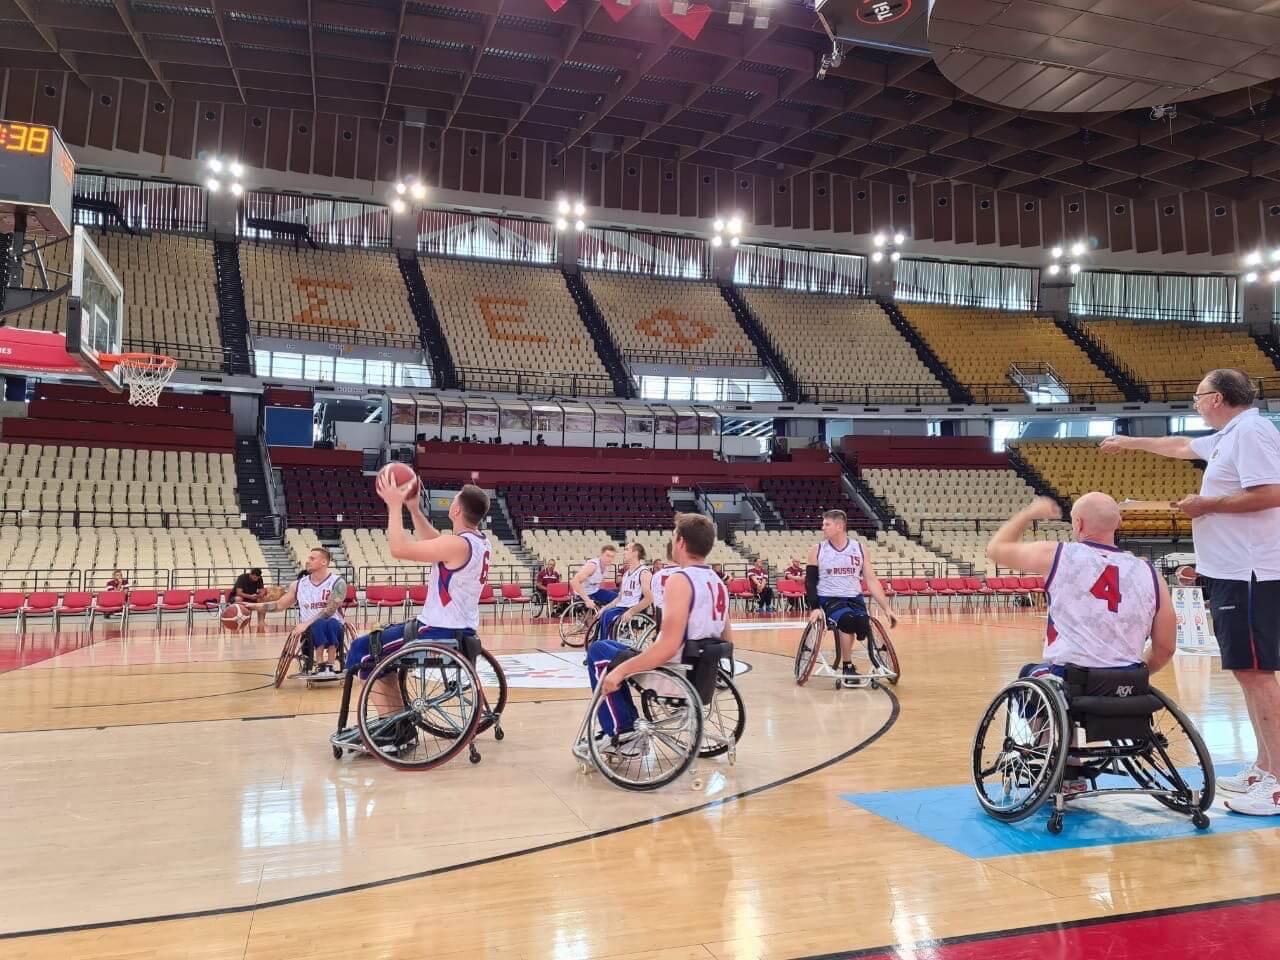 создана команда по баскетболу на колясках